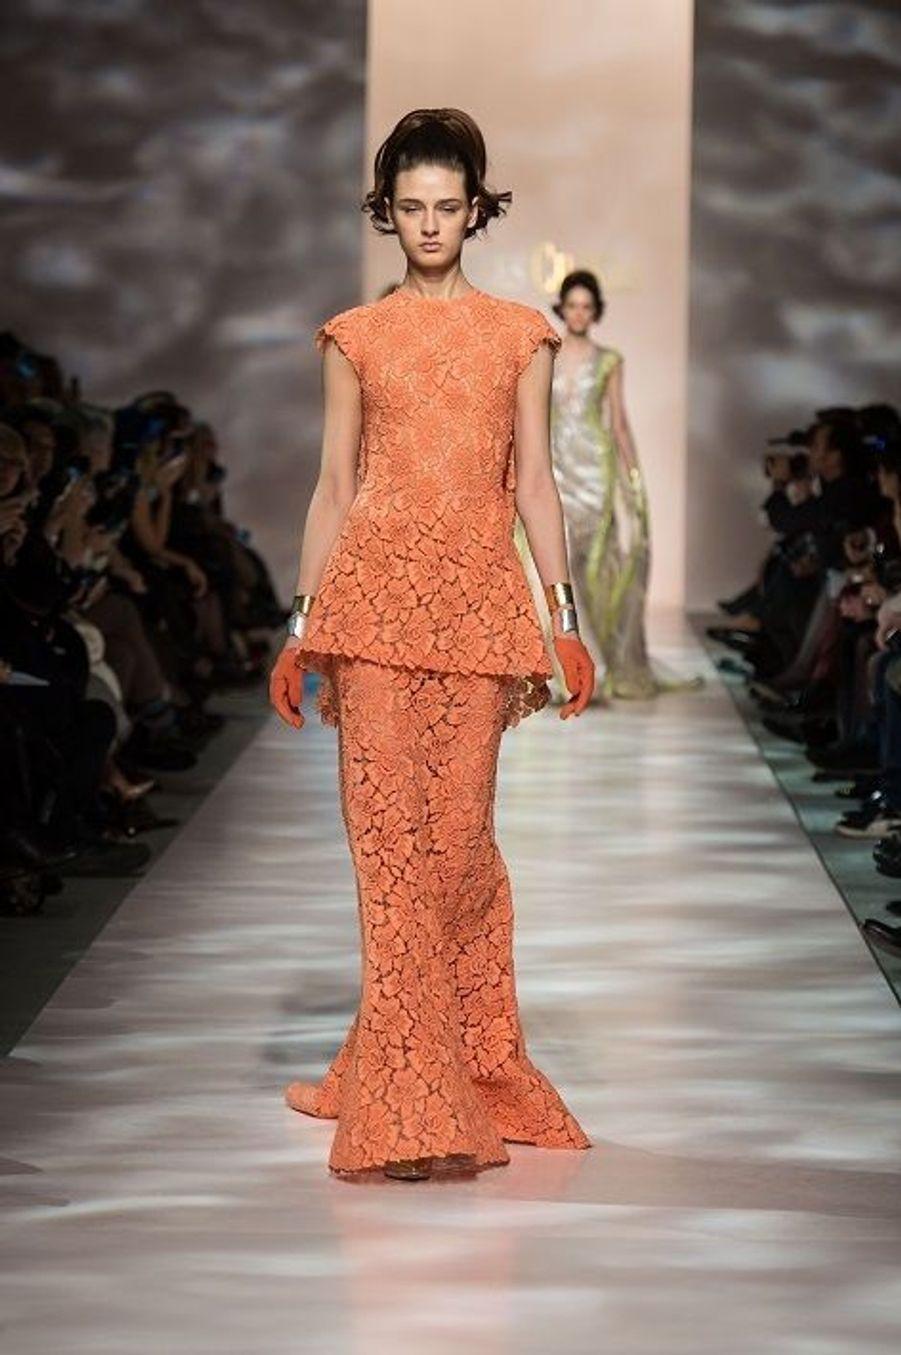 Défilé Haute Couture printannier pour Georges Chakra